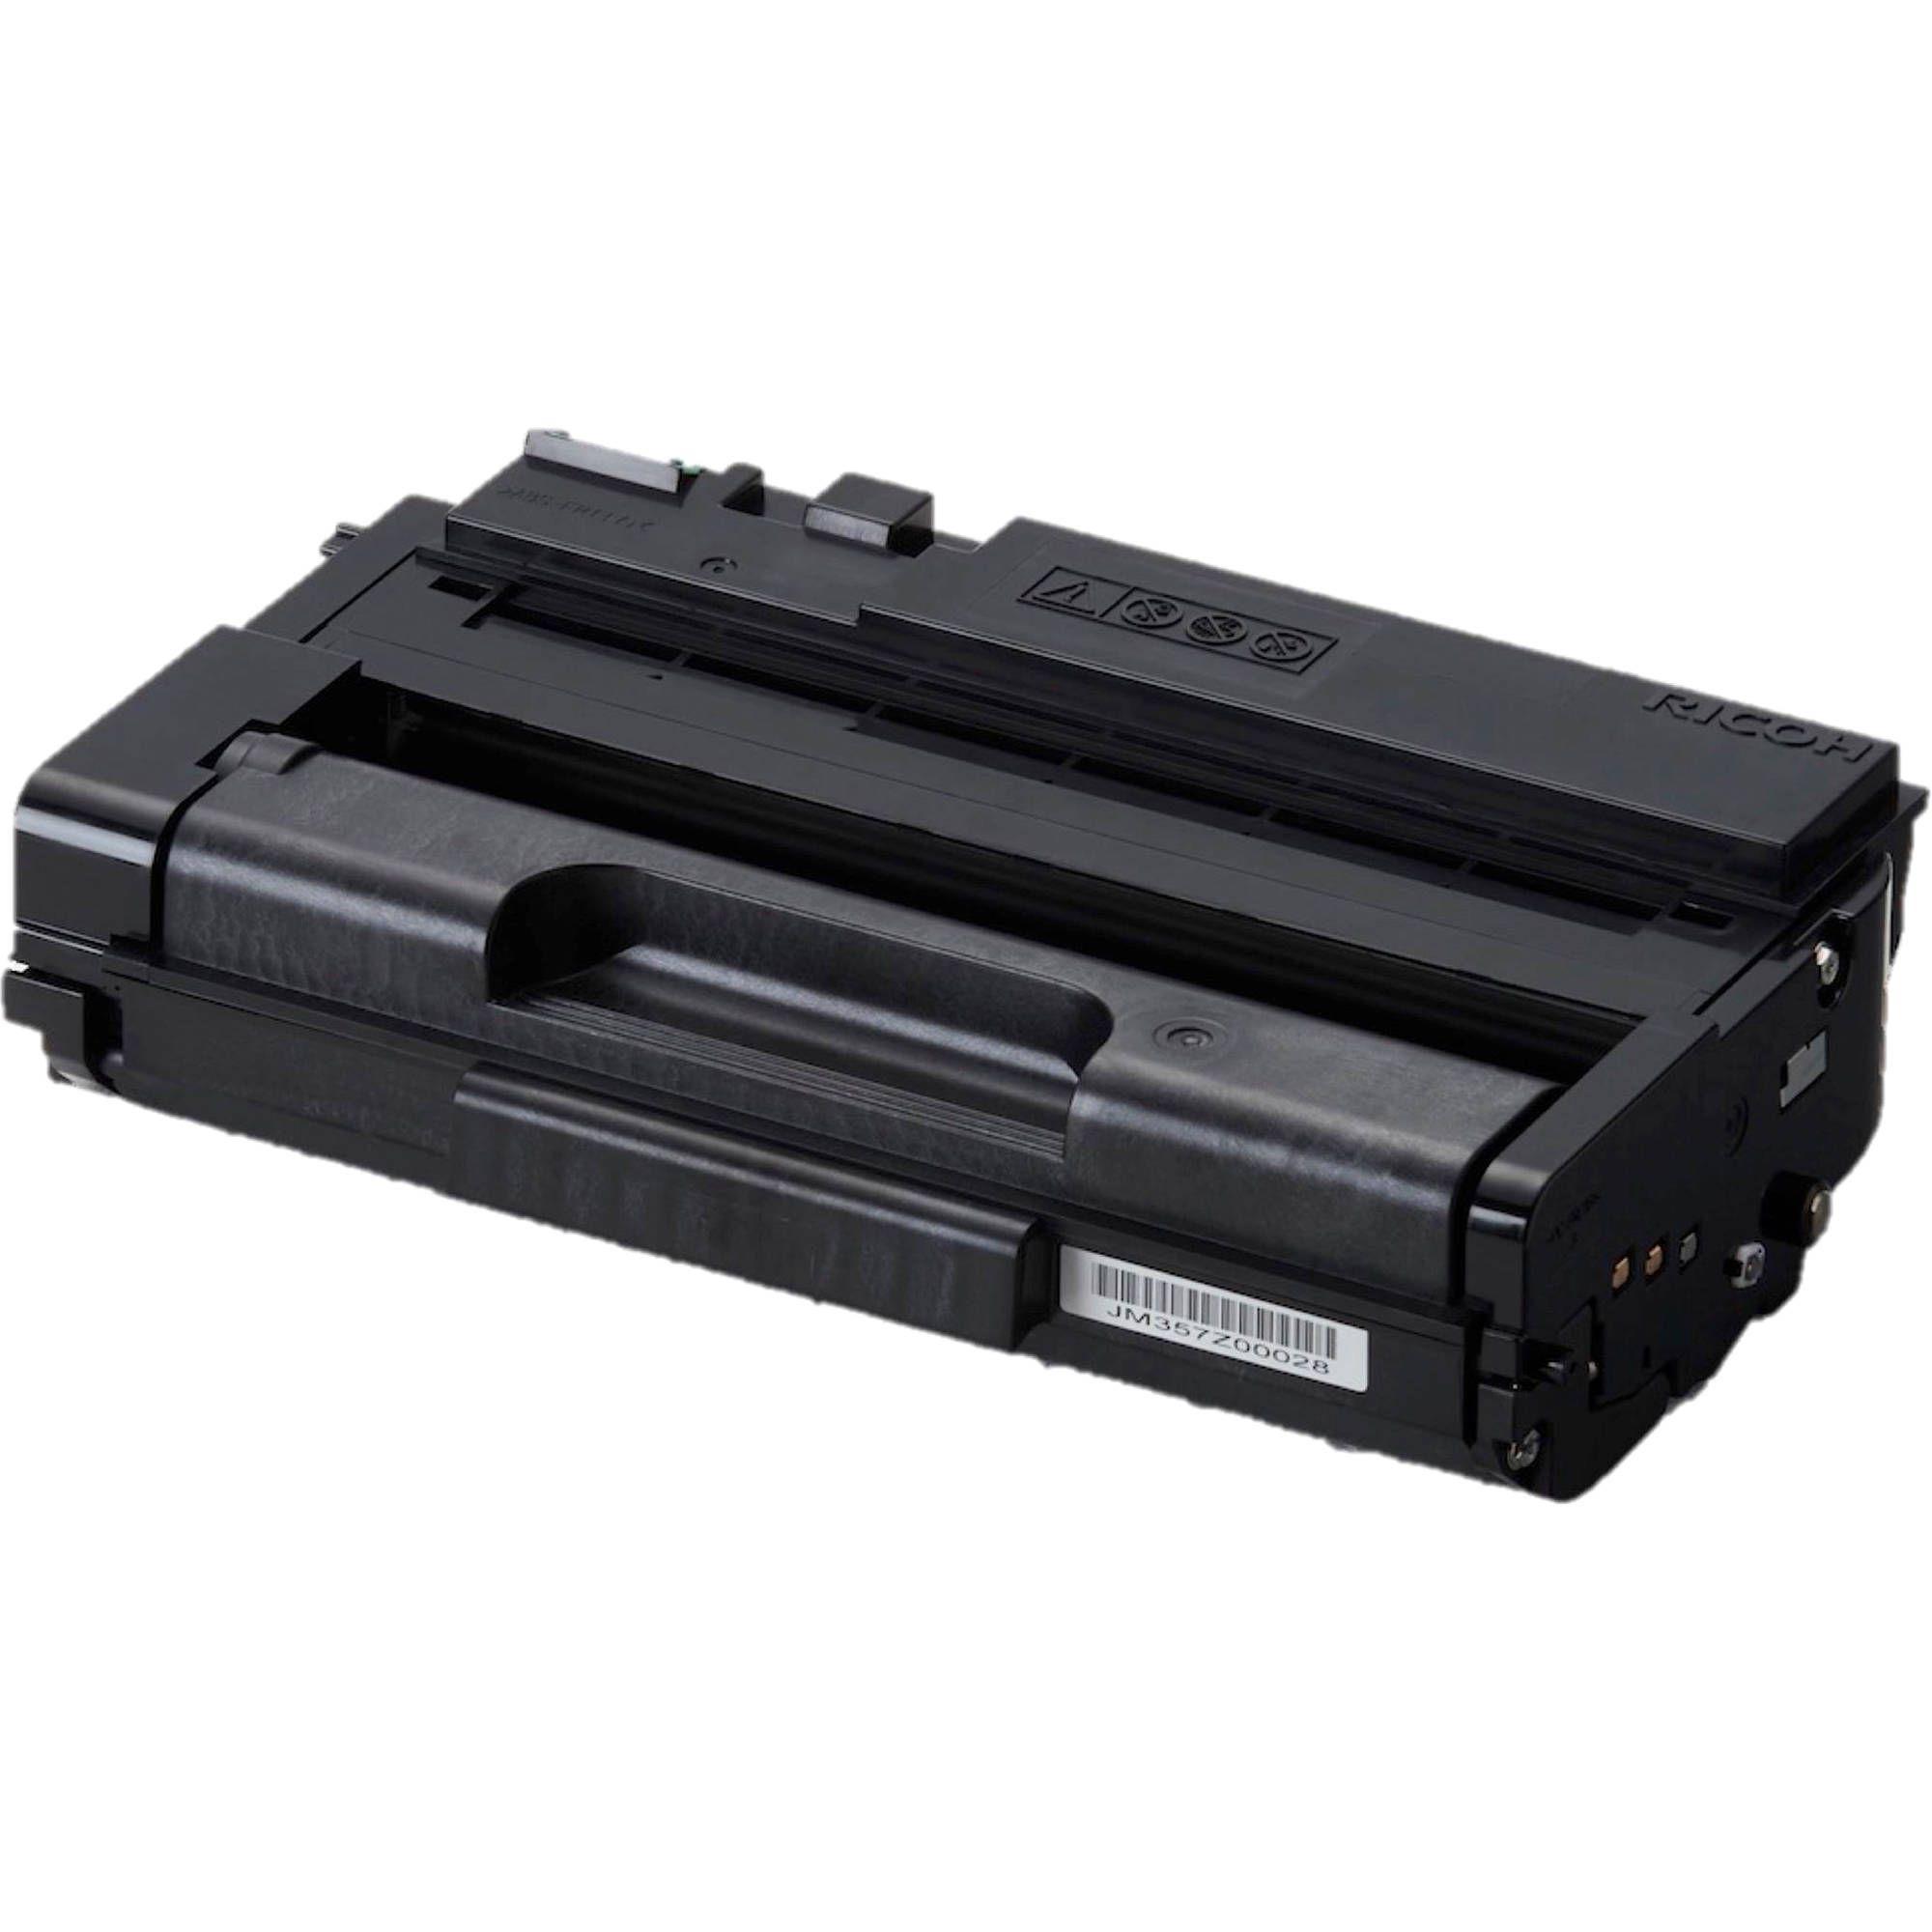 Toner compatível com RICOH SP3710 SP3710SF SP3710DN 7.000 Páginas - Cartucho & Cia